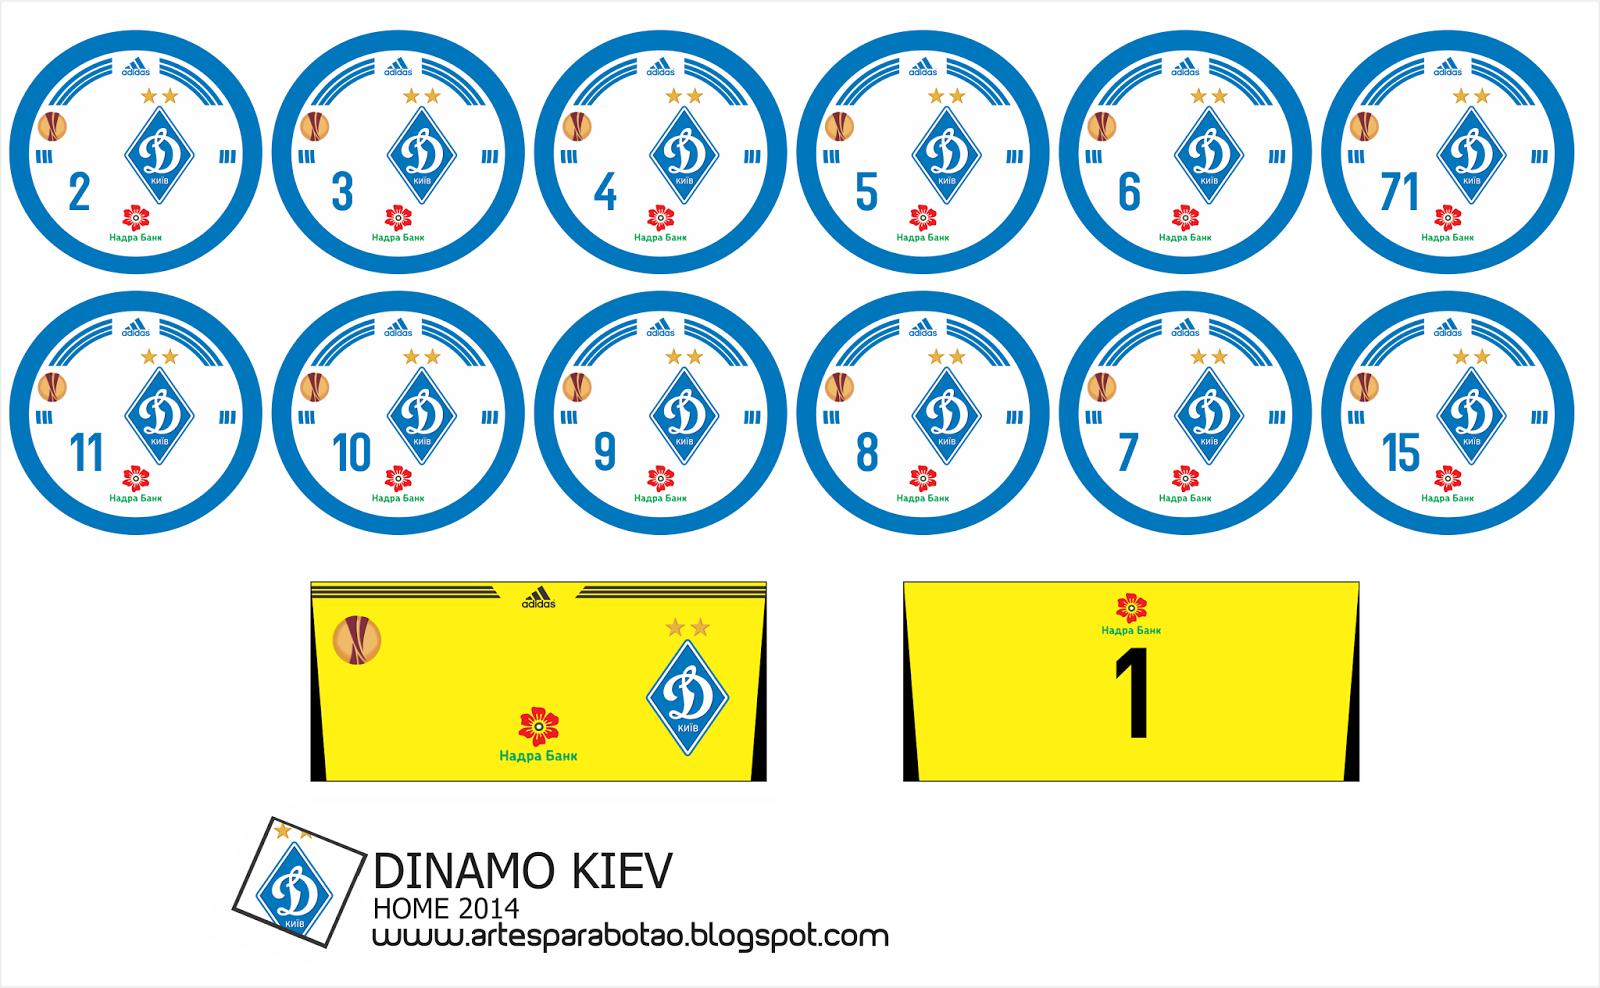 dinamo kiev fc: